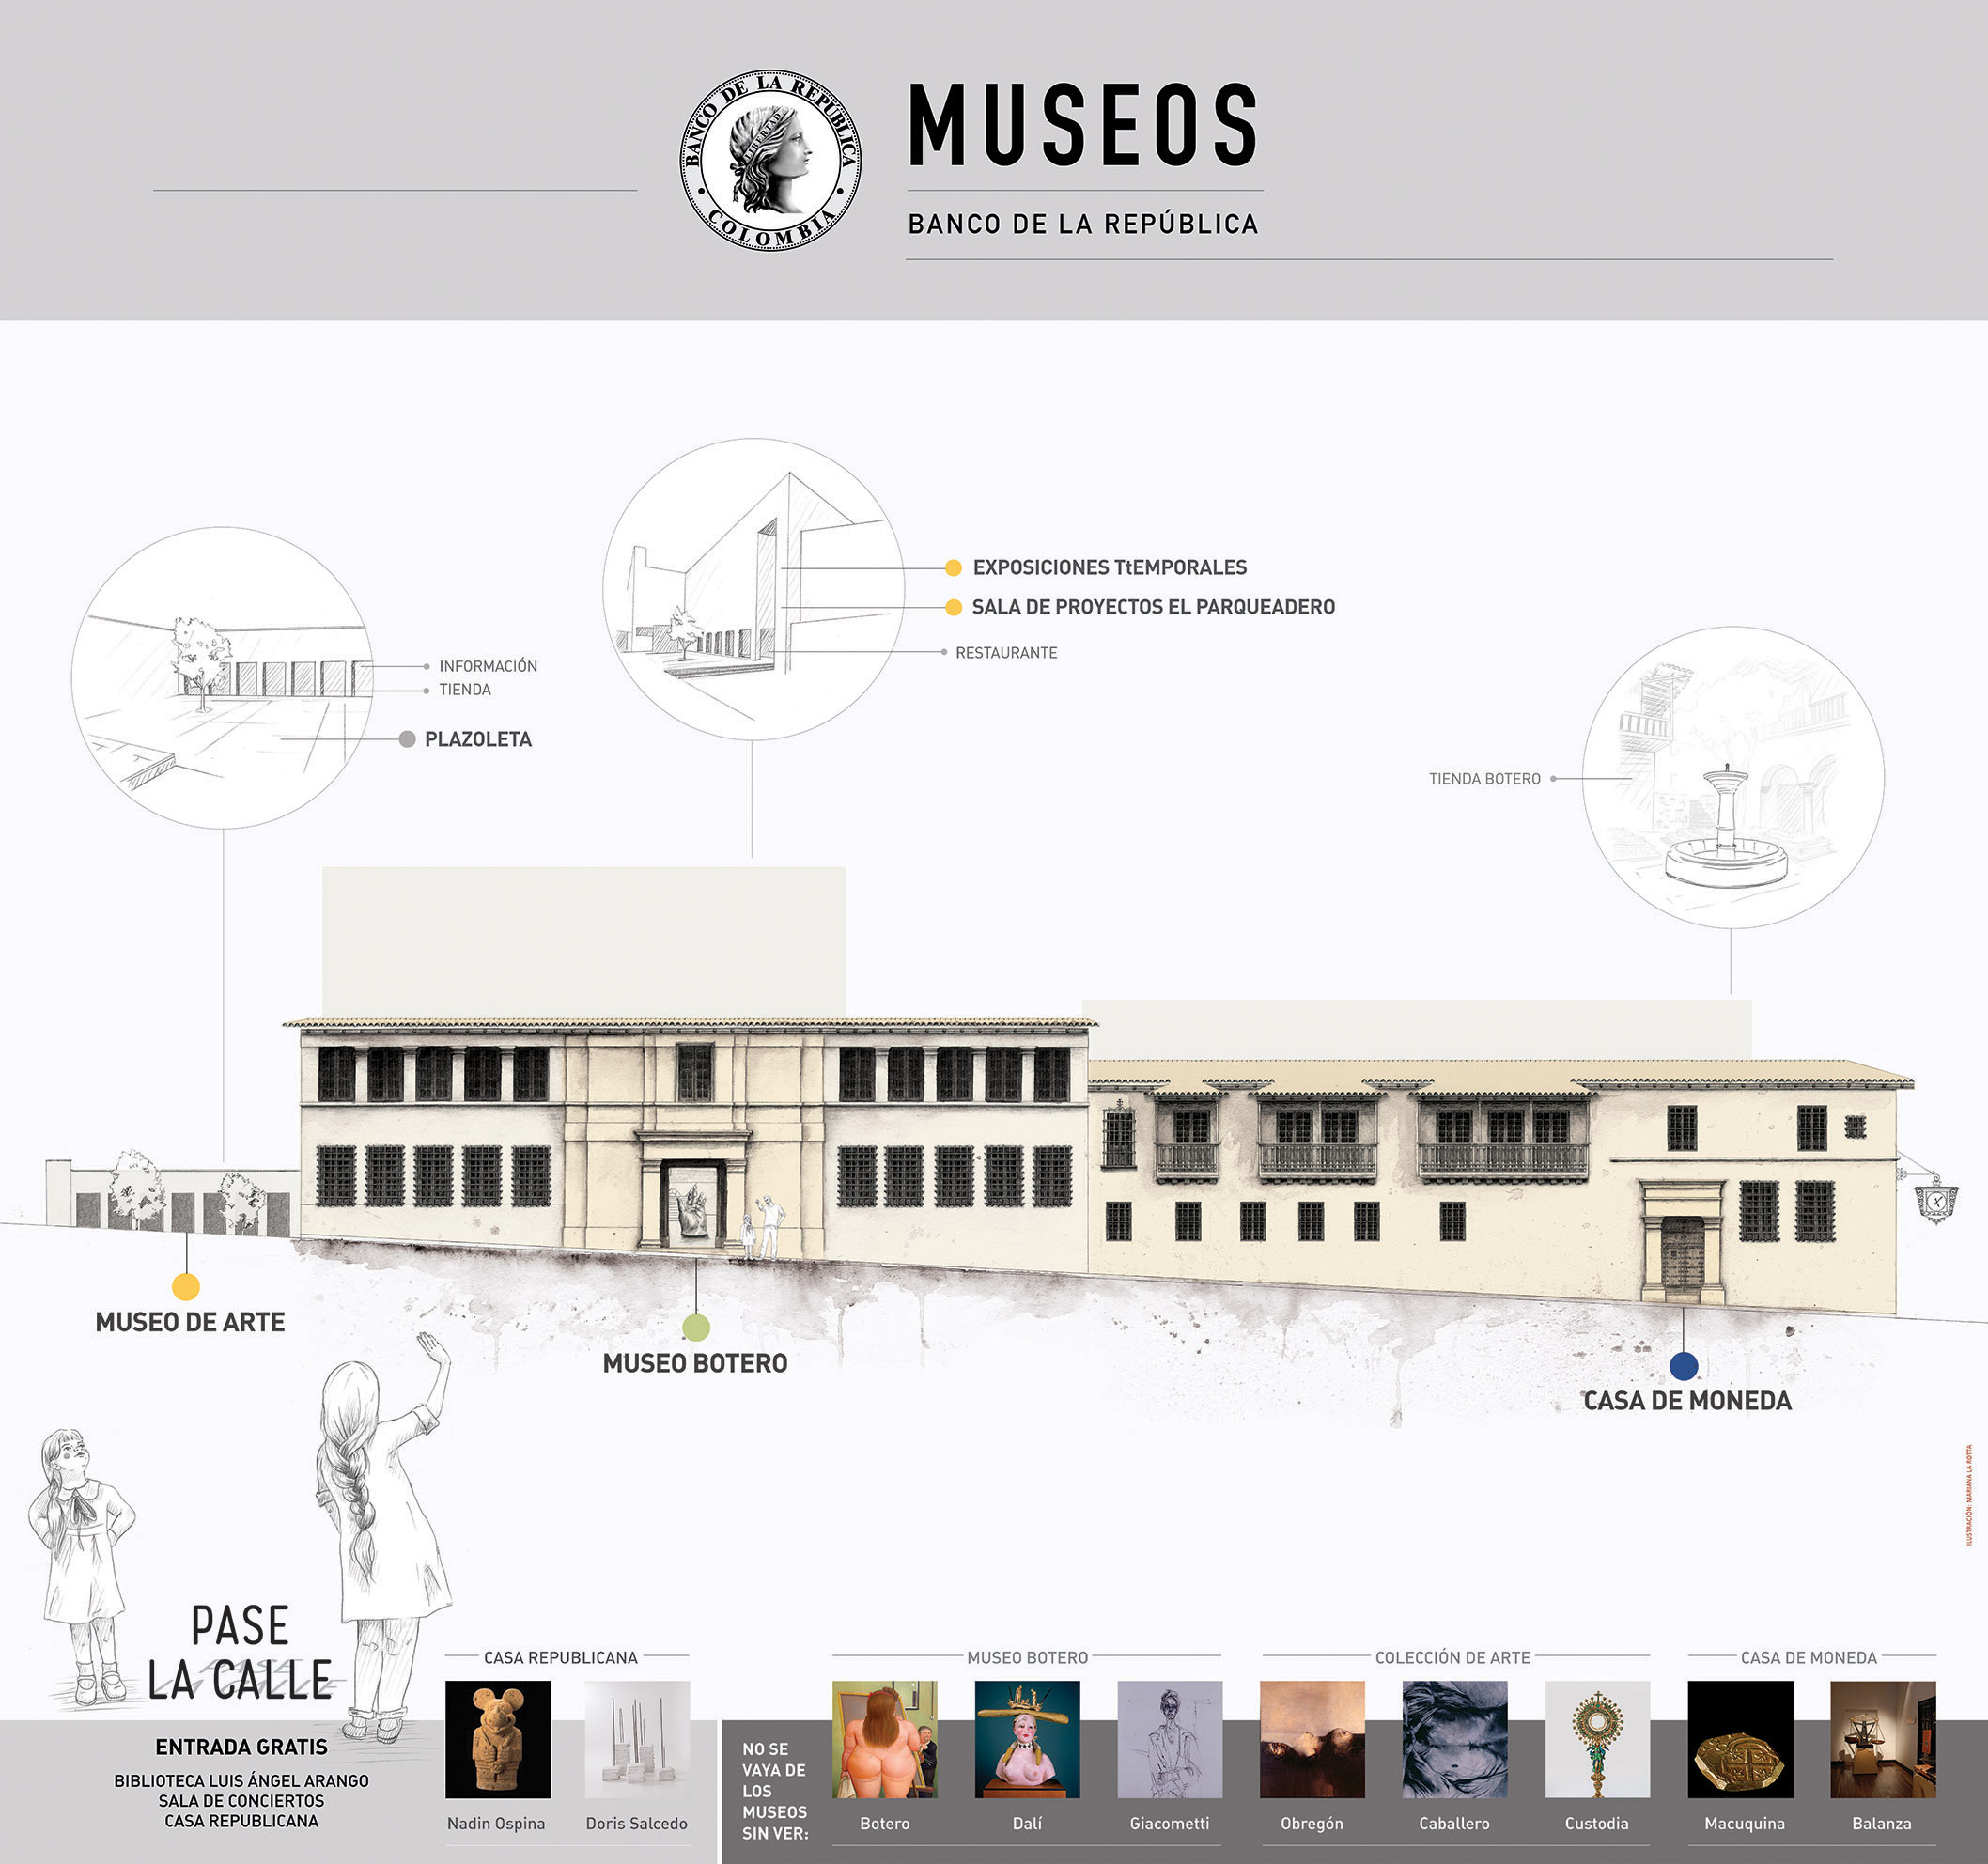 Museos del Banco de la República de Colombia orientation map